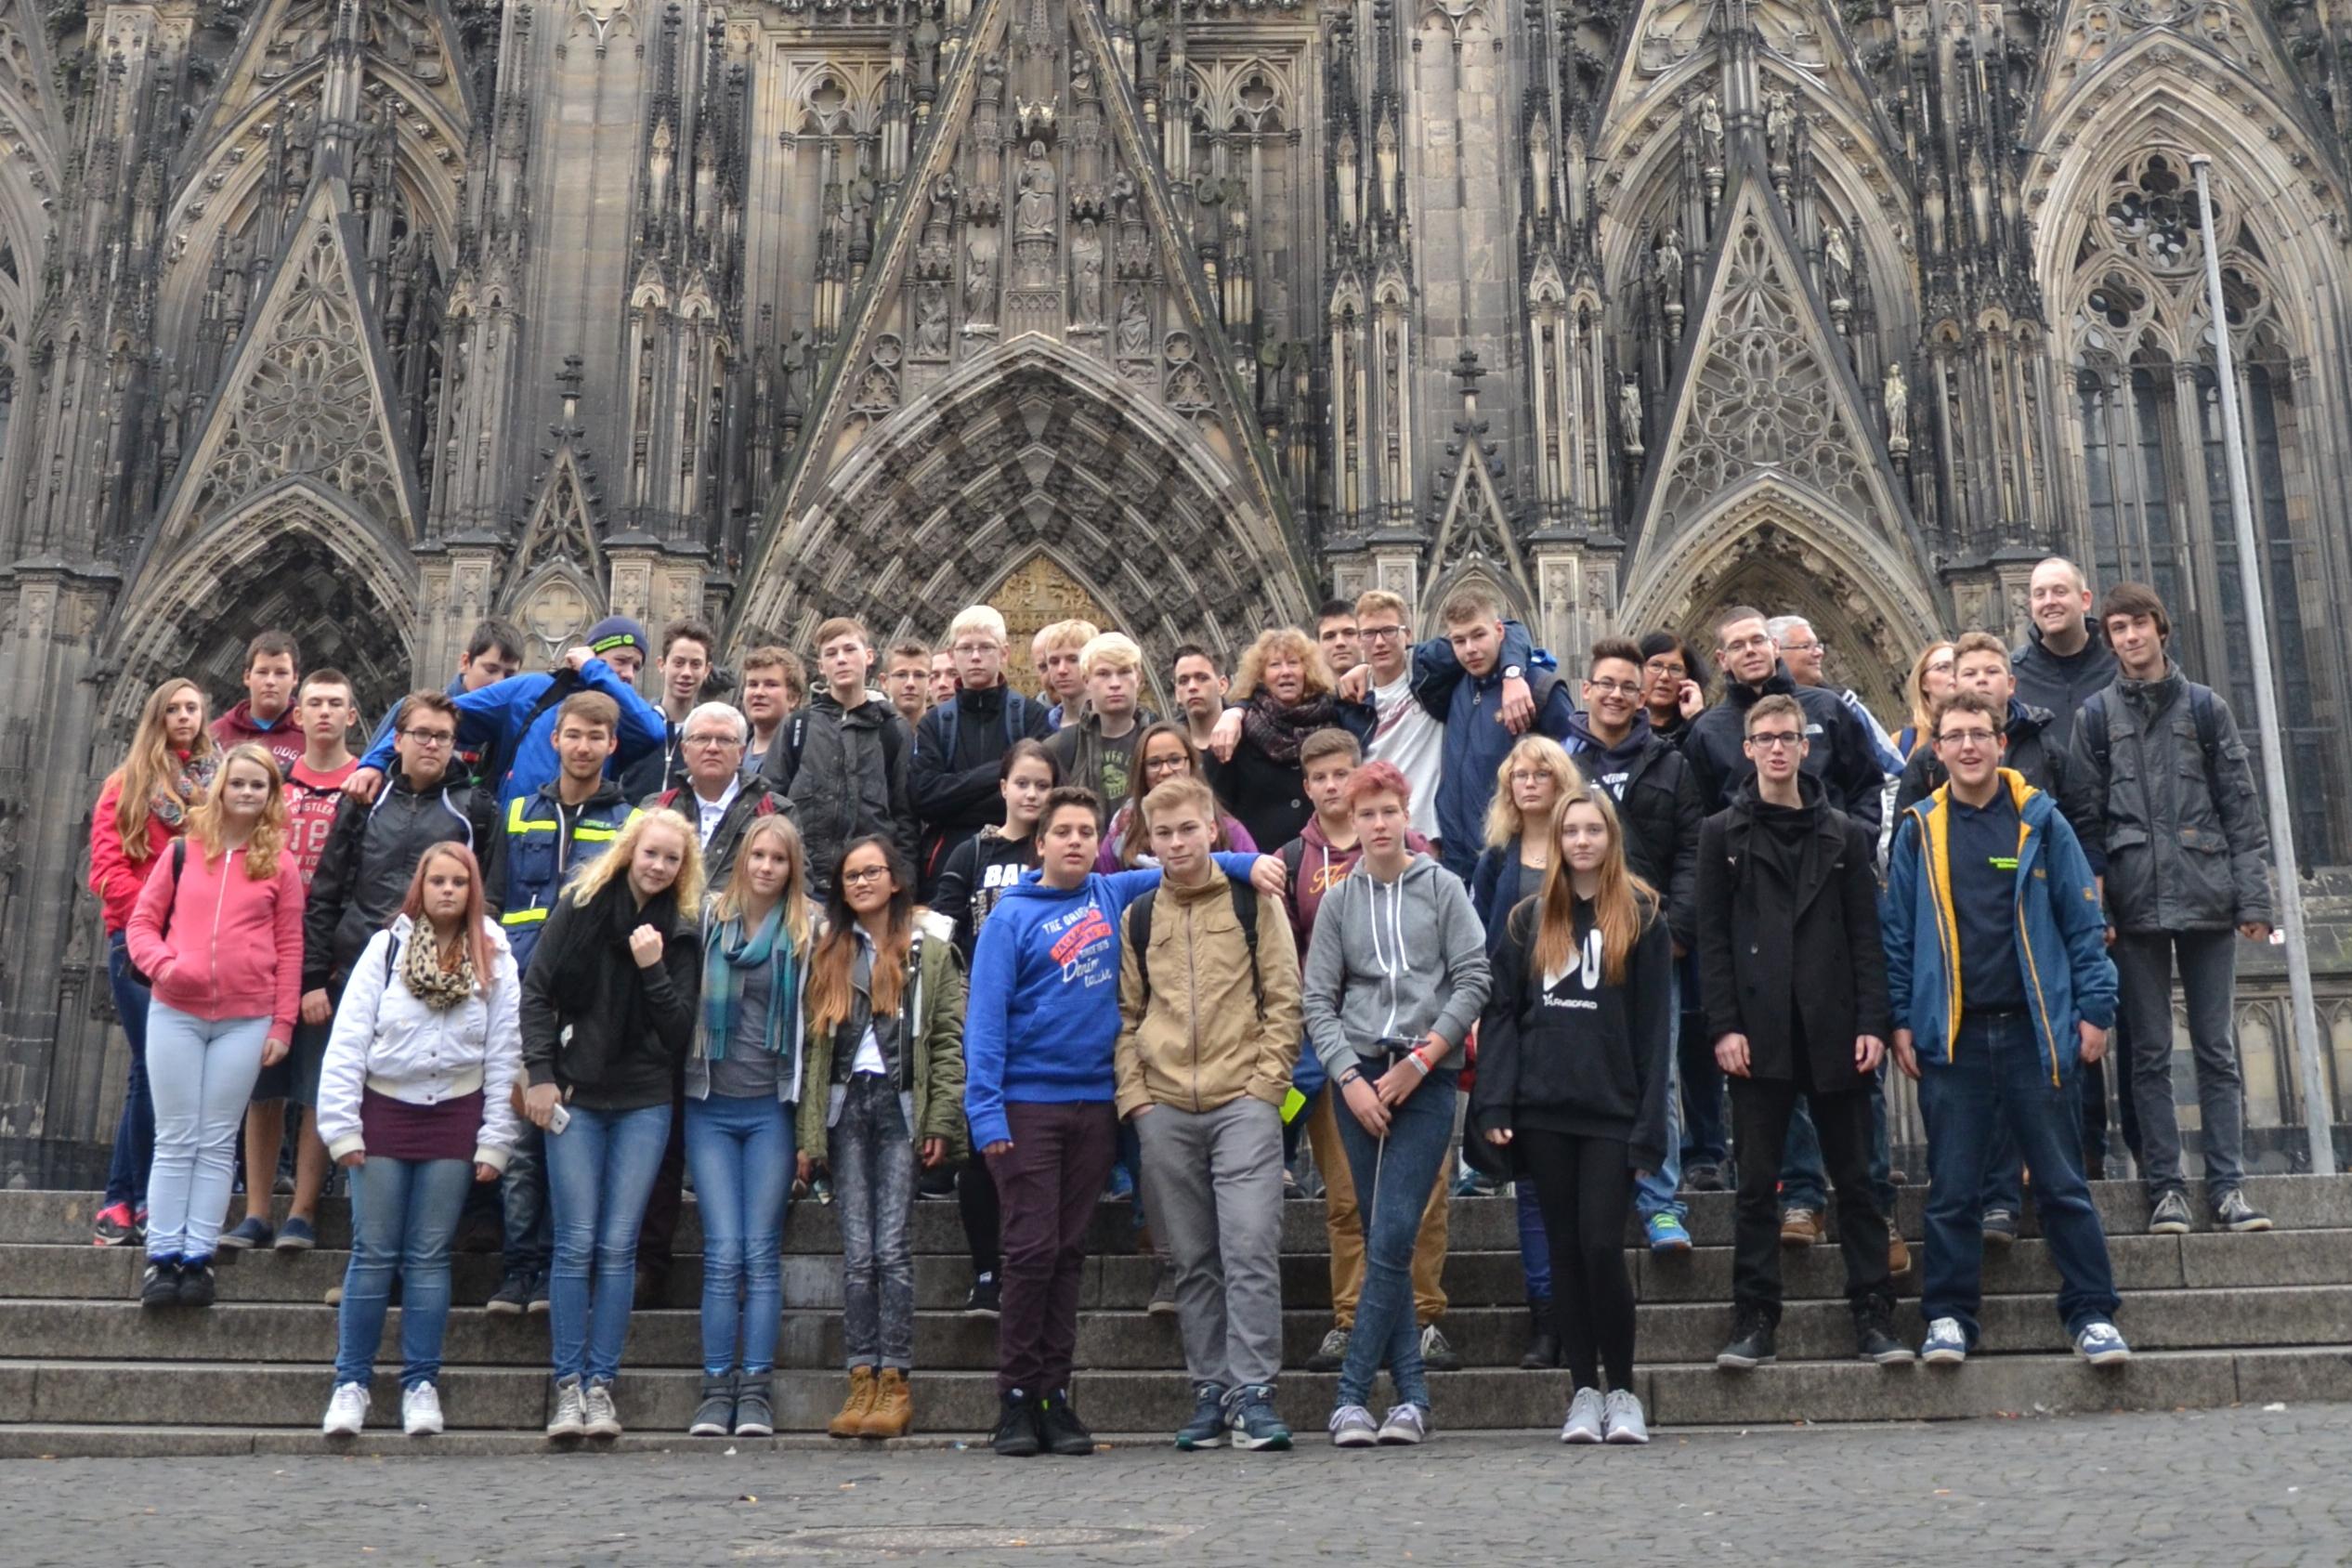 40 Junghelferinnen und Junghelfer aus den Ortsverbänden Bad Doberan, Husum, Itzehoe, Neumünster, Ratzeburg, Rostock, Wismar, Wolgast und Hamburg-Nord fuhren mit ihren Betreuern nach Köln.